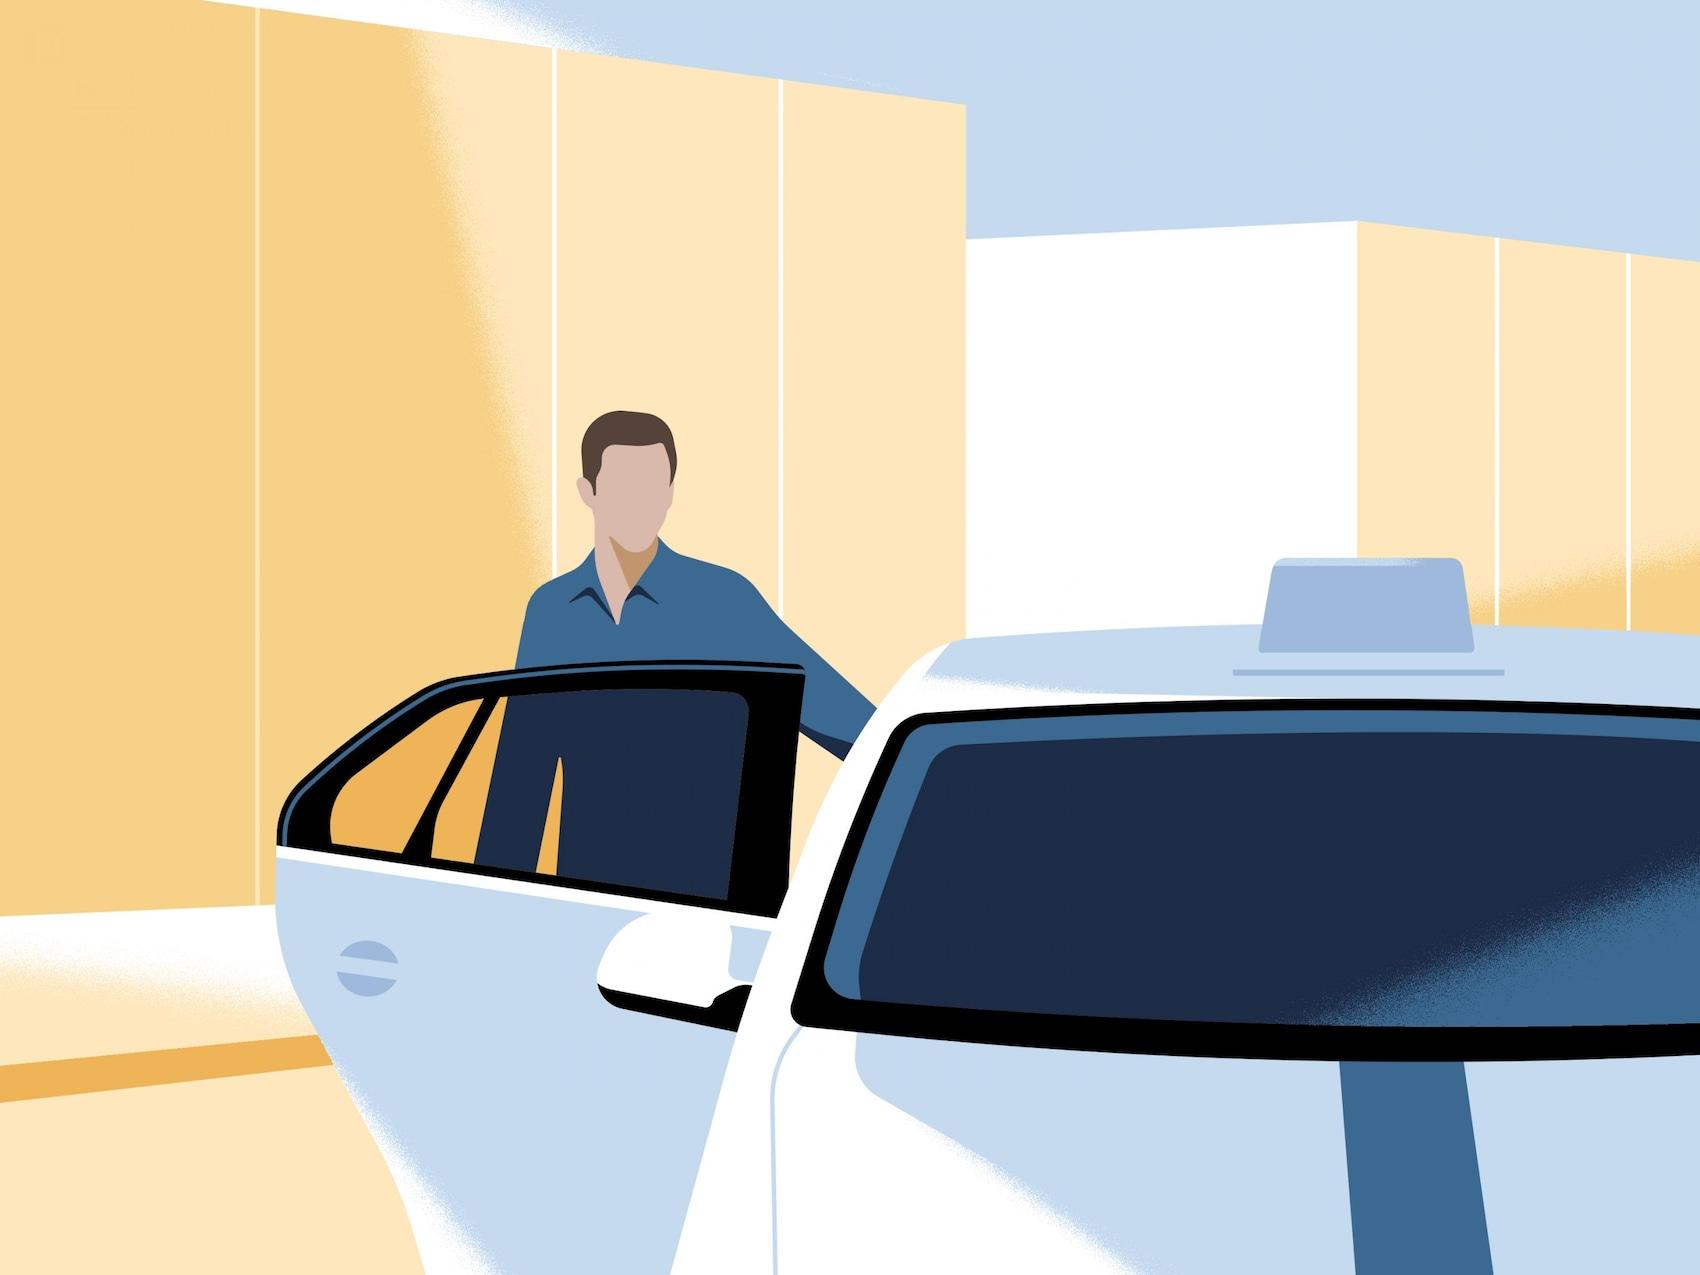 Mann steigt ins Taxi